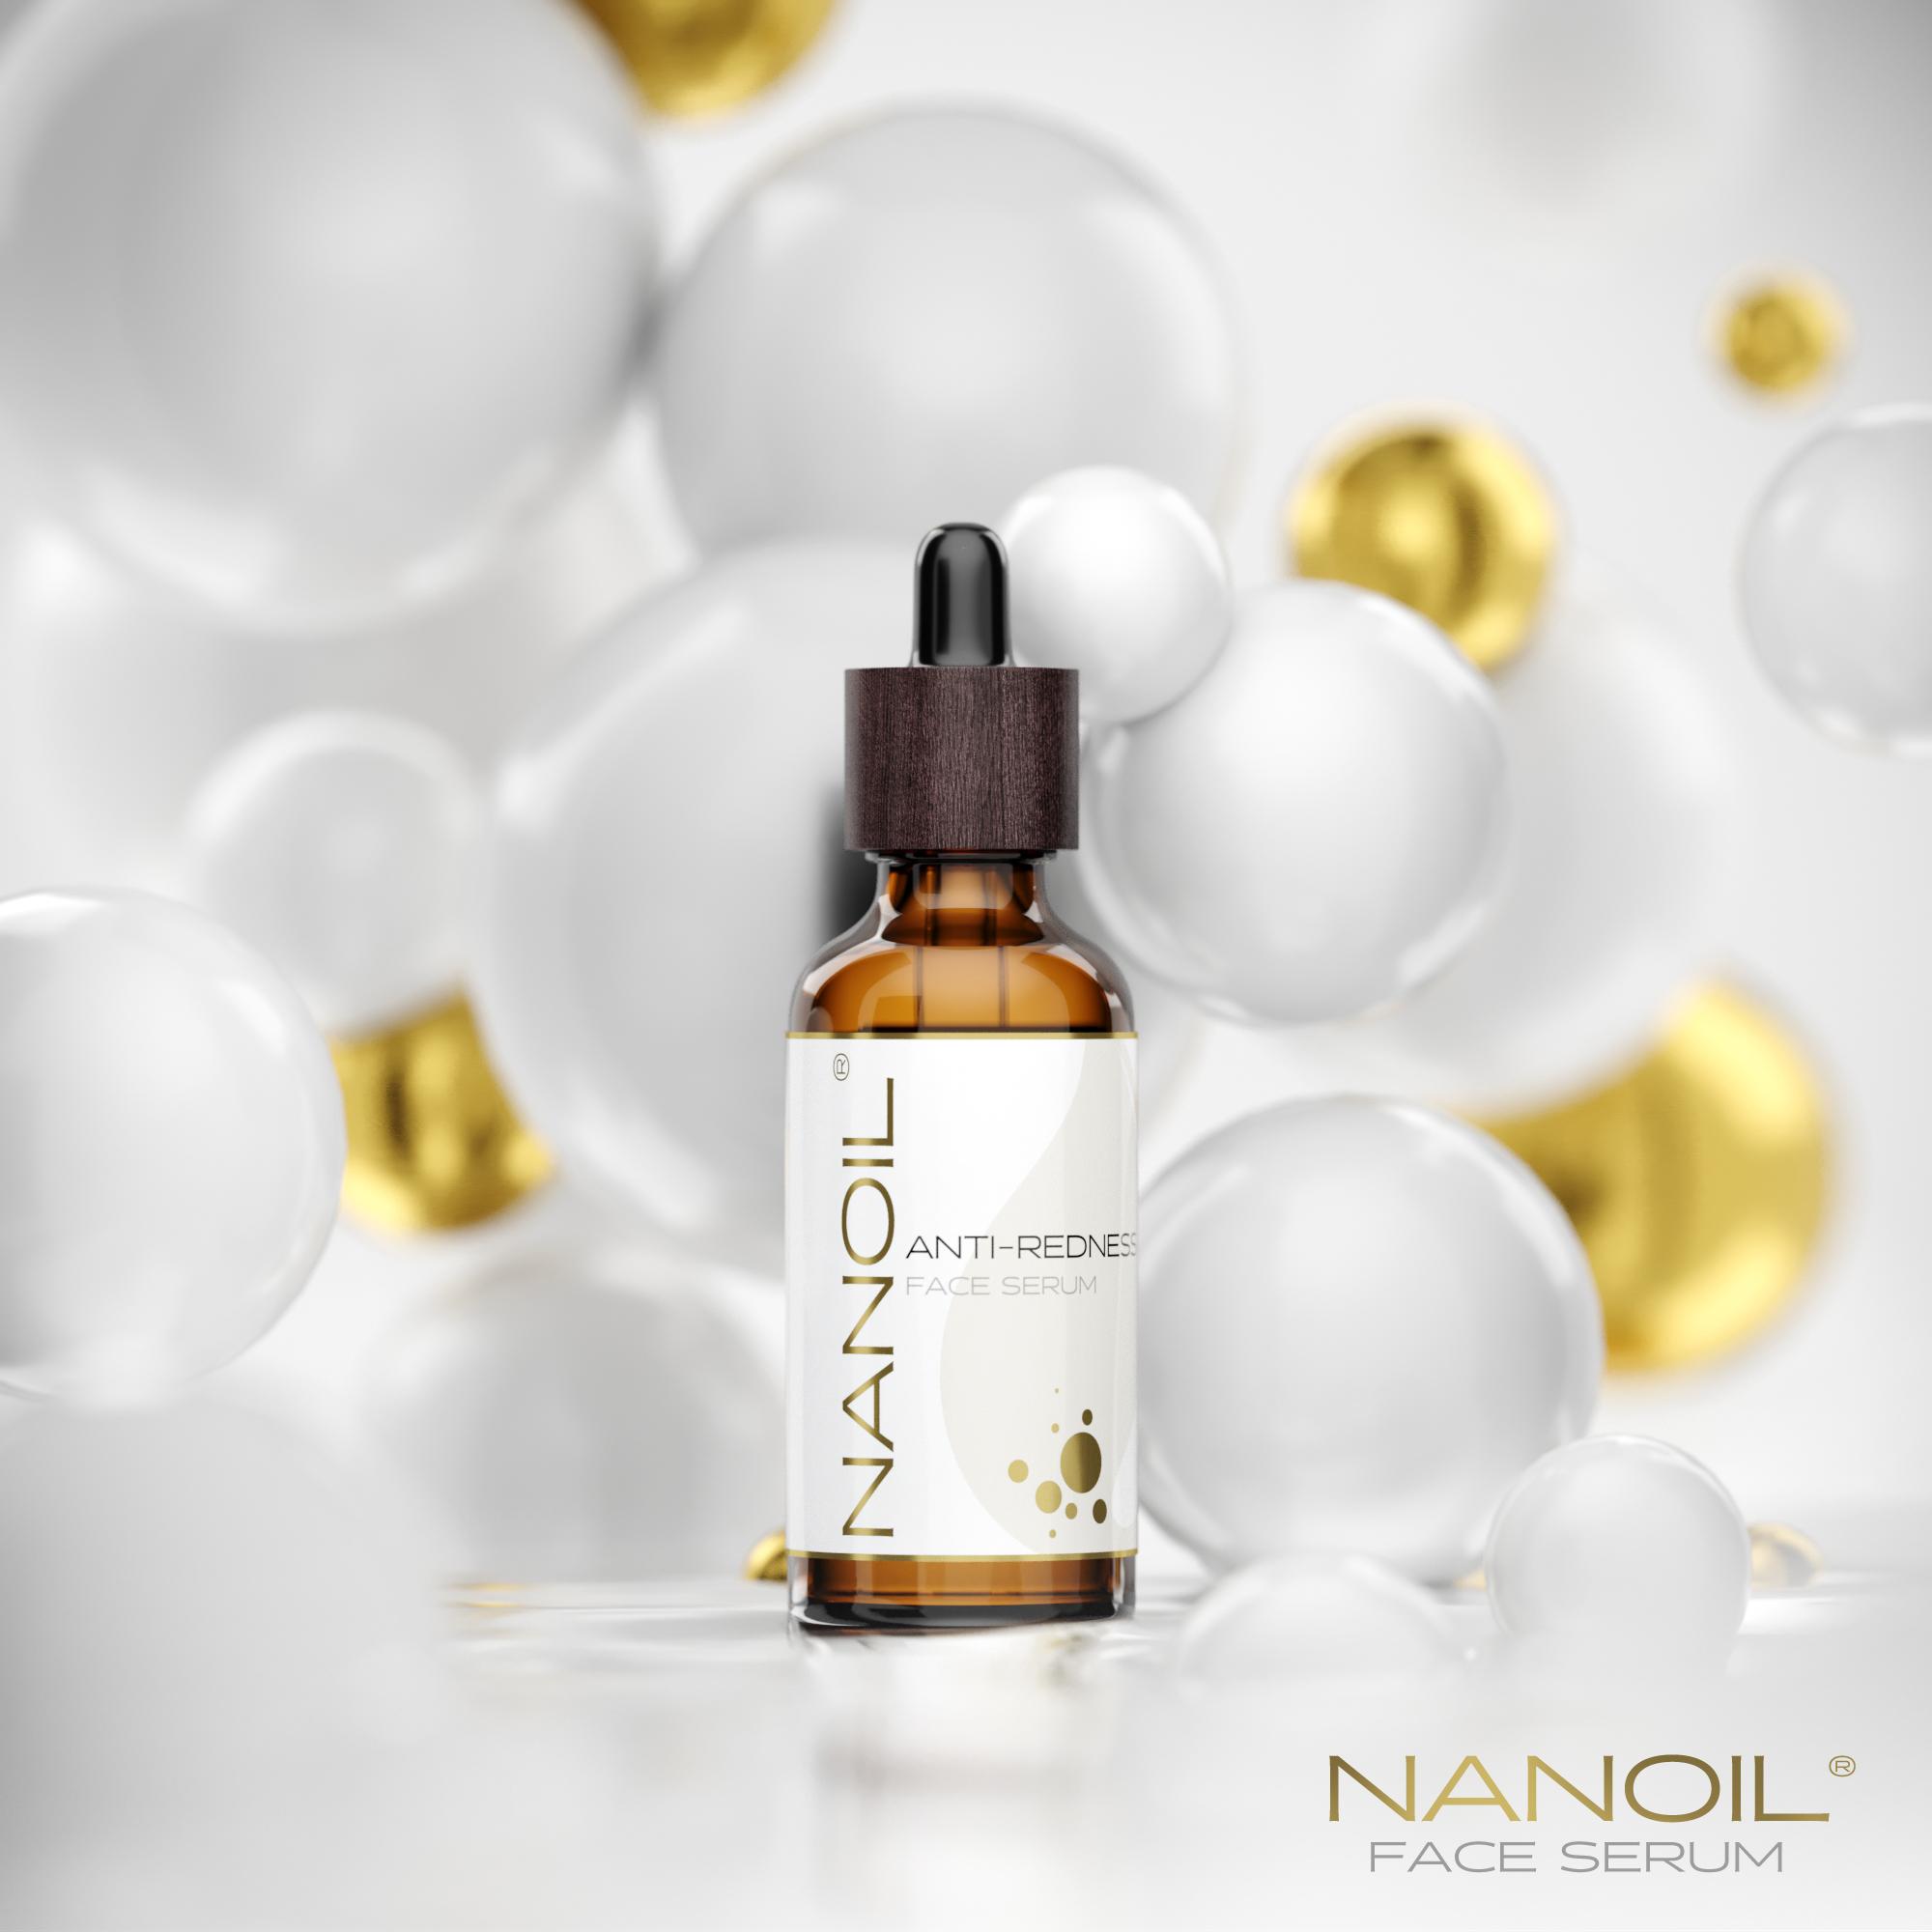 sérum conçu pour traiter les rougeurs du visage Nanoil